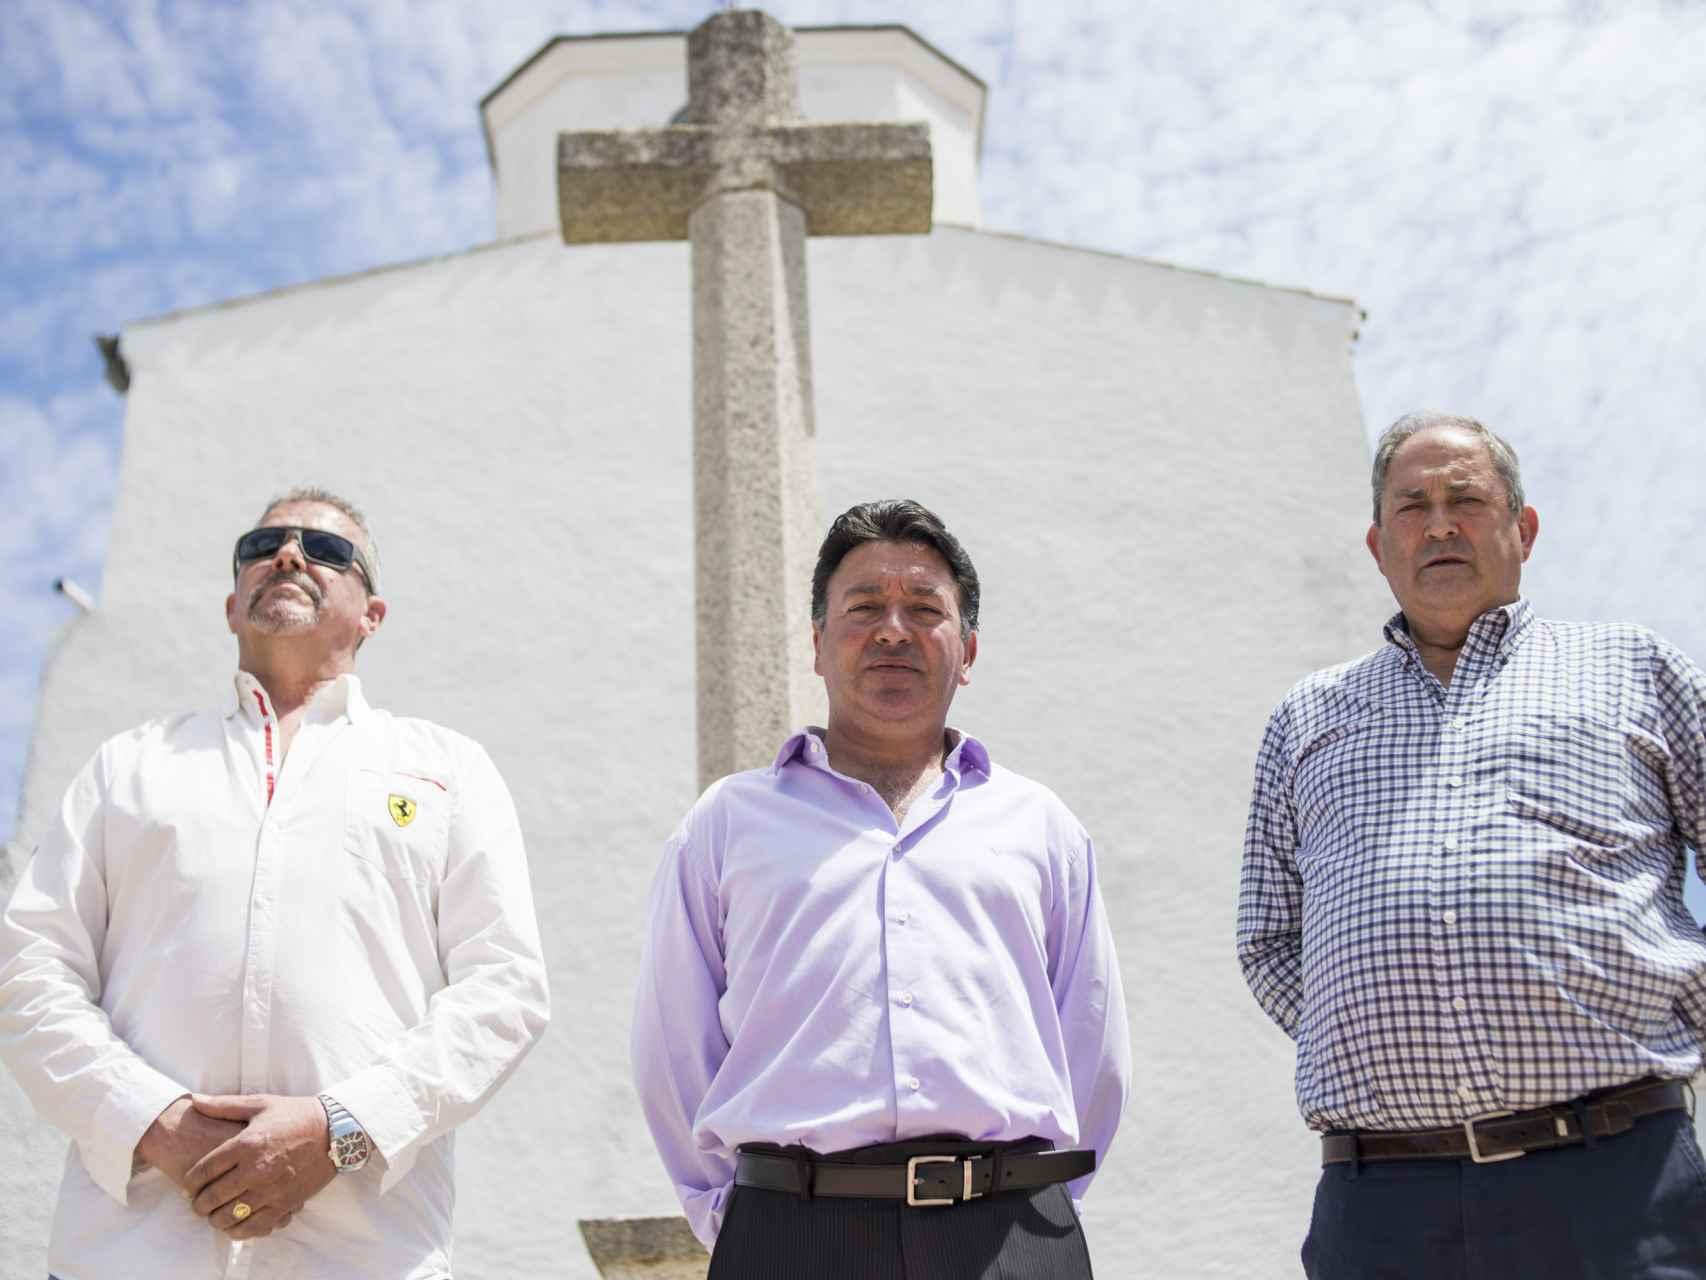 El alcalde (centro) con dos vecinos del pueblo frente a la cruz que emula a la del Valle de los Caídos y frente a la  cual pretenden enterrar al dictador.